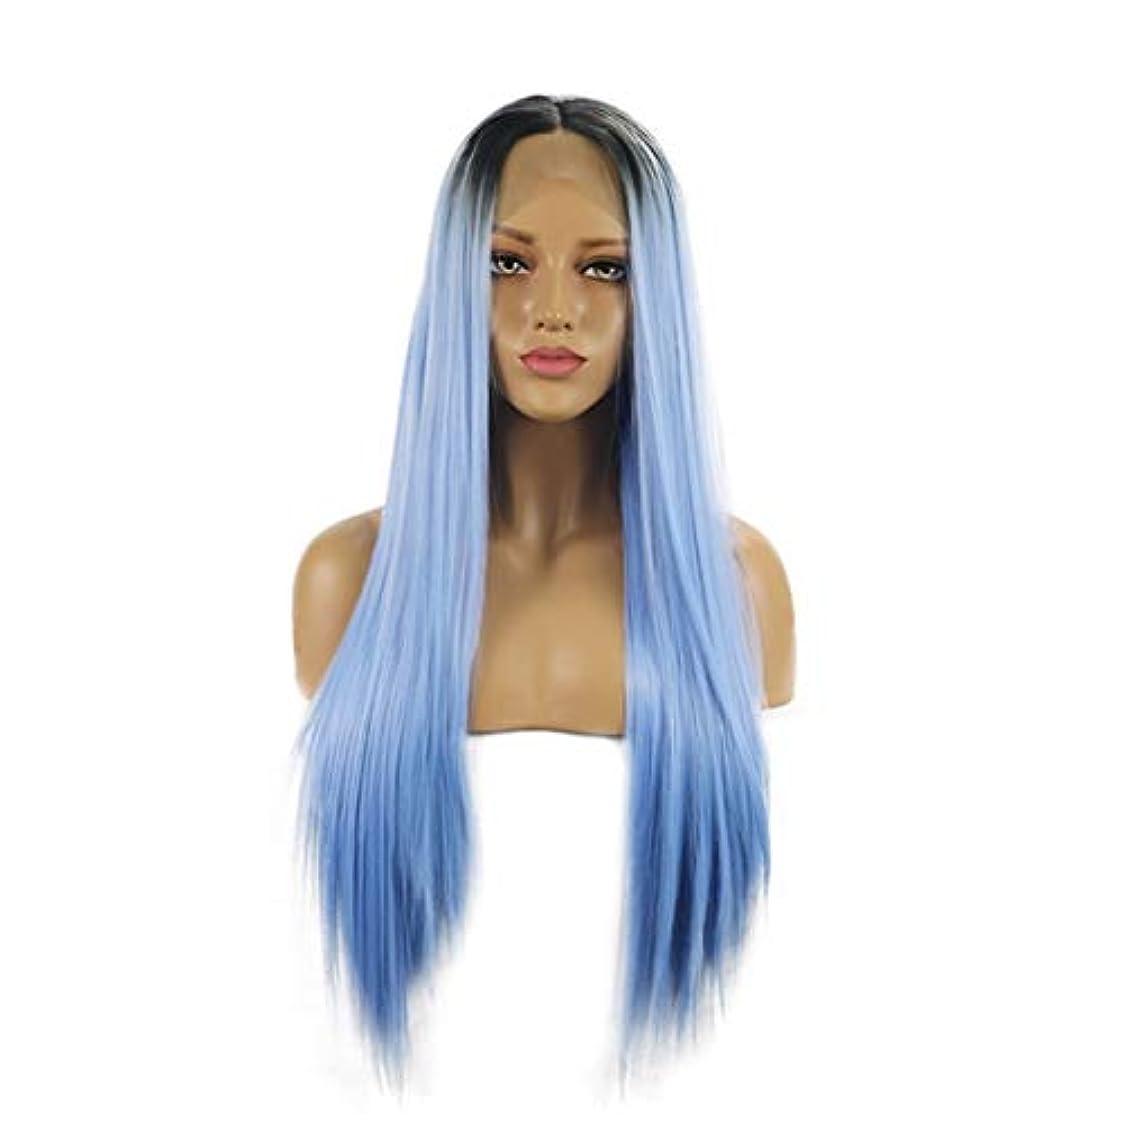 ペック抑圧者必要性Koloeplf 耐熱性の自然な女性のための長いまっすぐな総合的な毛のレースの前部かつら (Size : 26inch)